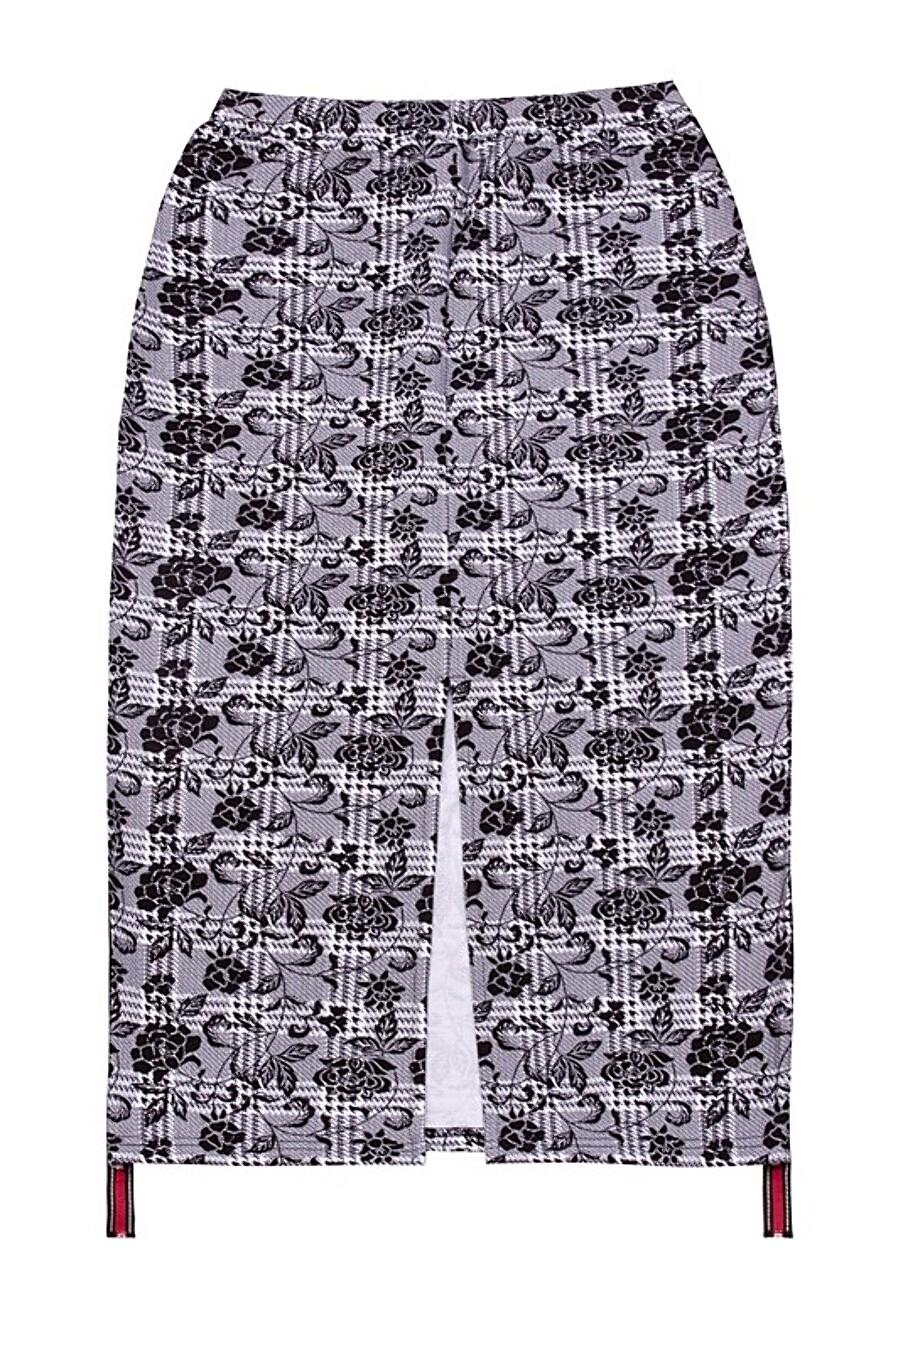 Юбка для женщин АПРЕЛЬ 700266 купить оптом от производителя. Совместная покупка женской одежды в OptMoyo